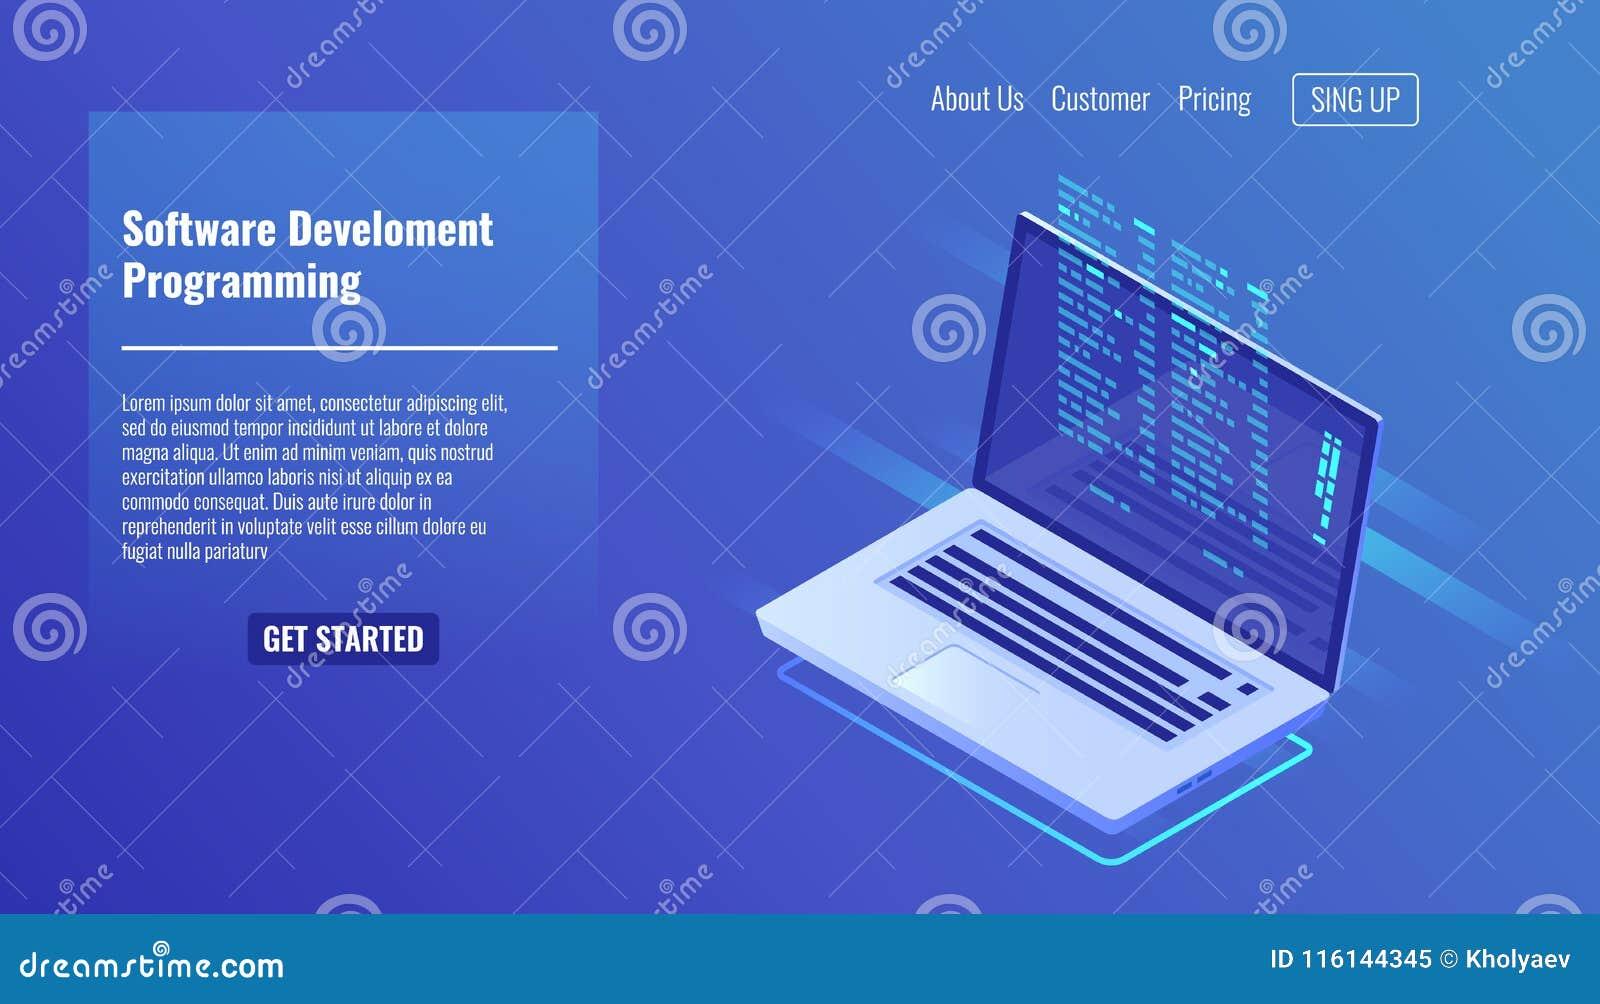 Software-ontwikkeling en programmering, programmacode inzake laptop het scherm, grote gegevens - verwerking, gegevensverwerkings